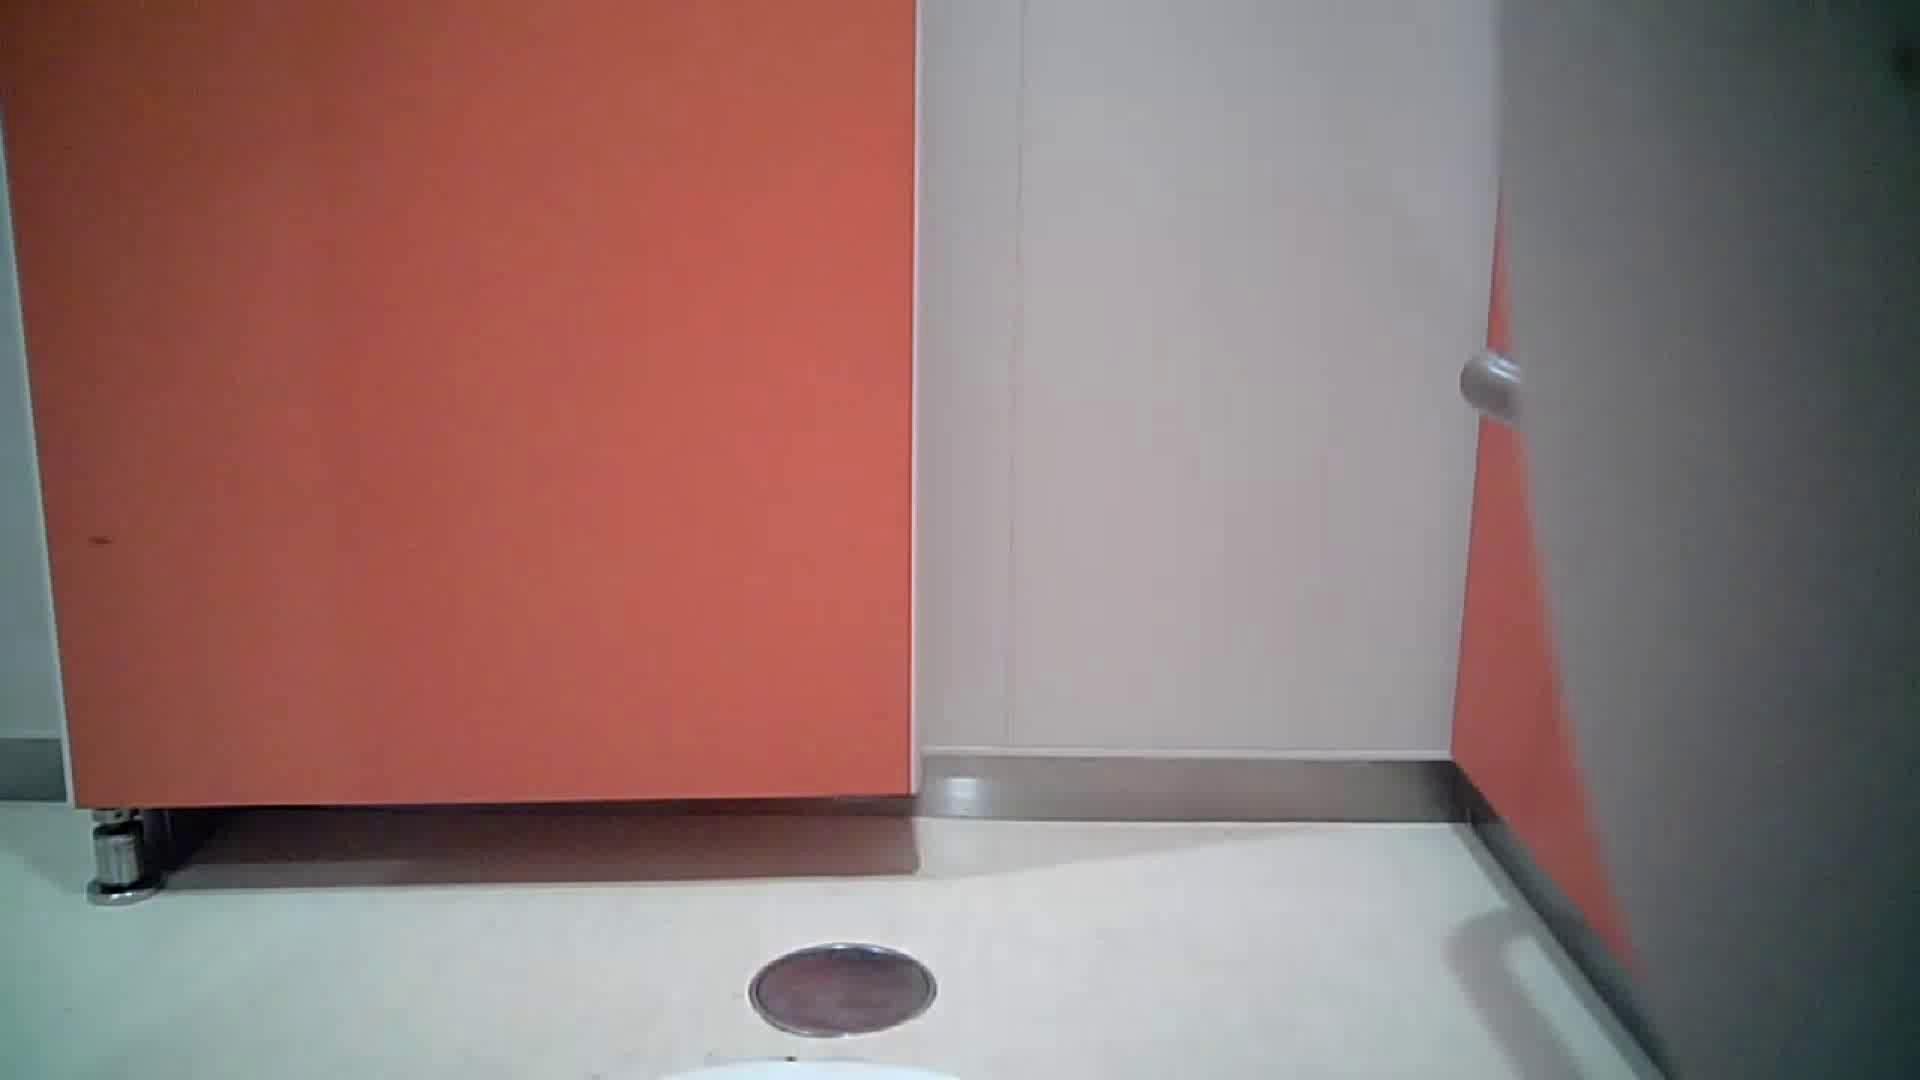 痴態洗面所 Vol.04 上と下の割合が絶妙です。 OLのボディ | 洗面所  79PIX 41